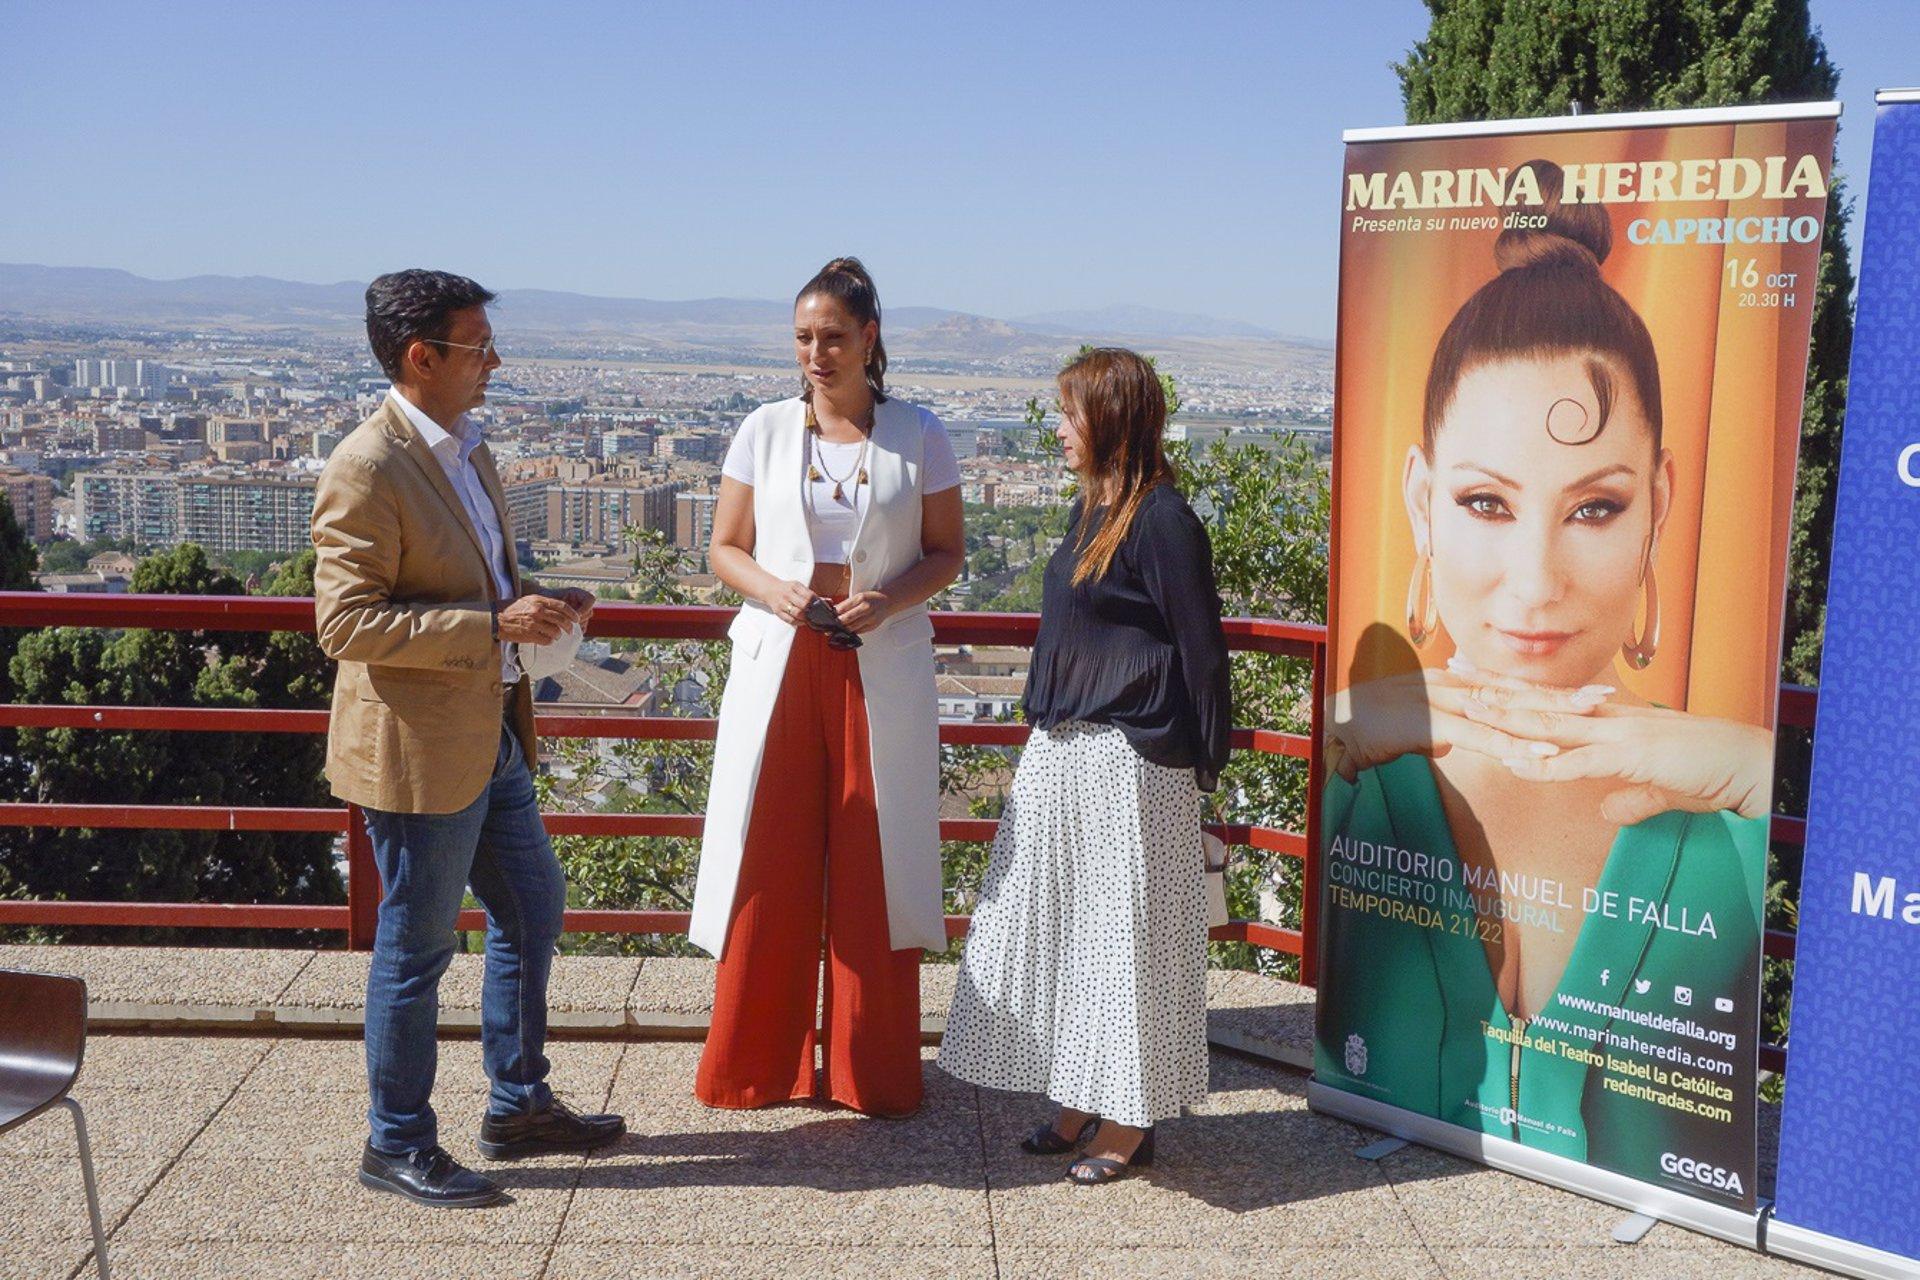 El auditorio Manuel de Falla abre temporada con la presentación en vivo del nuevo trabajo de Marina Heredia